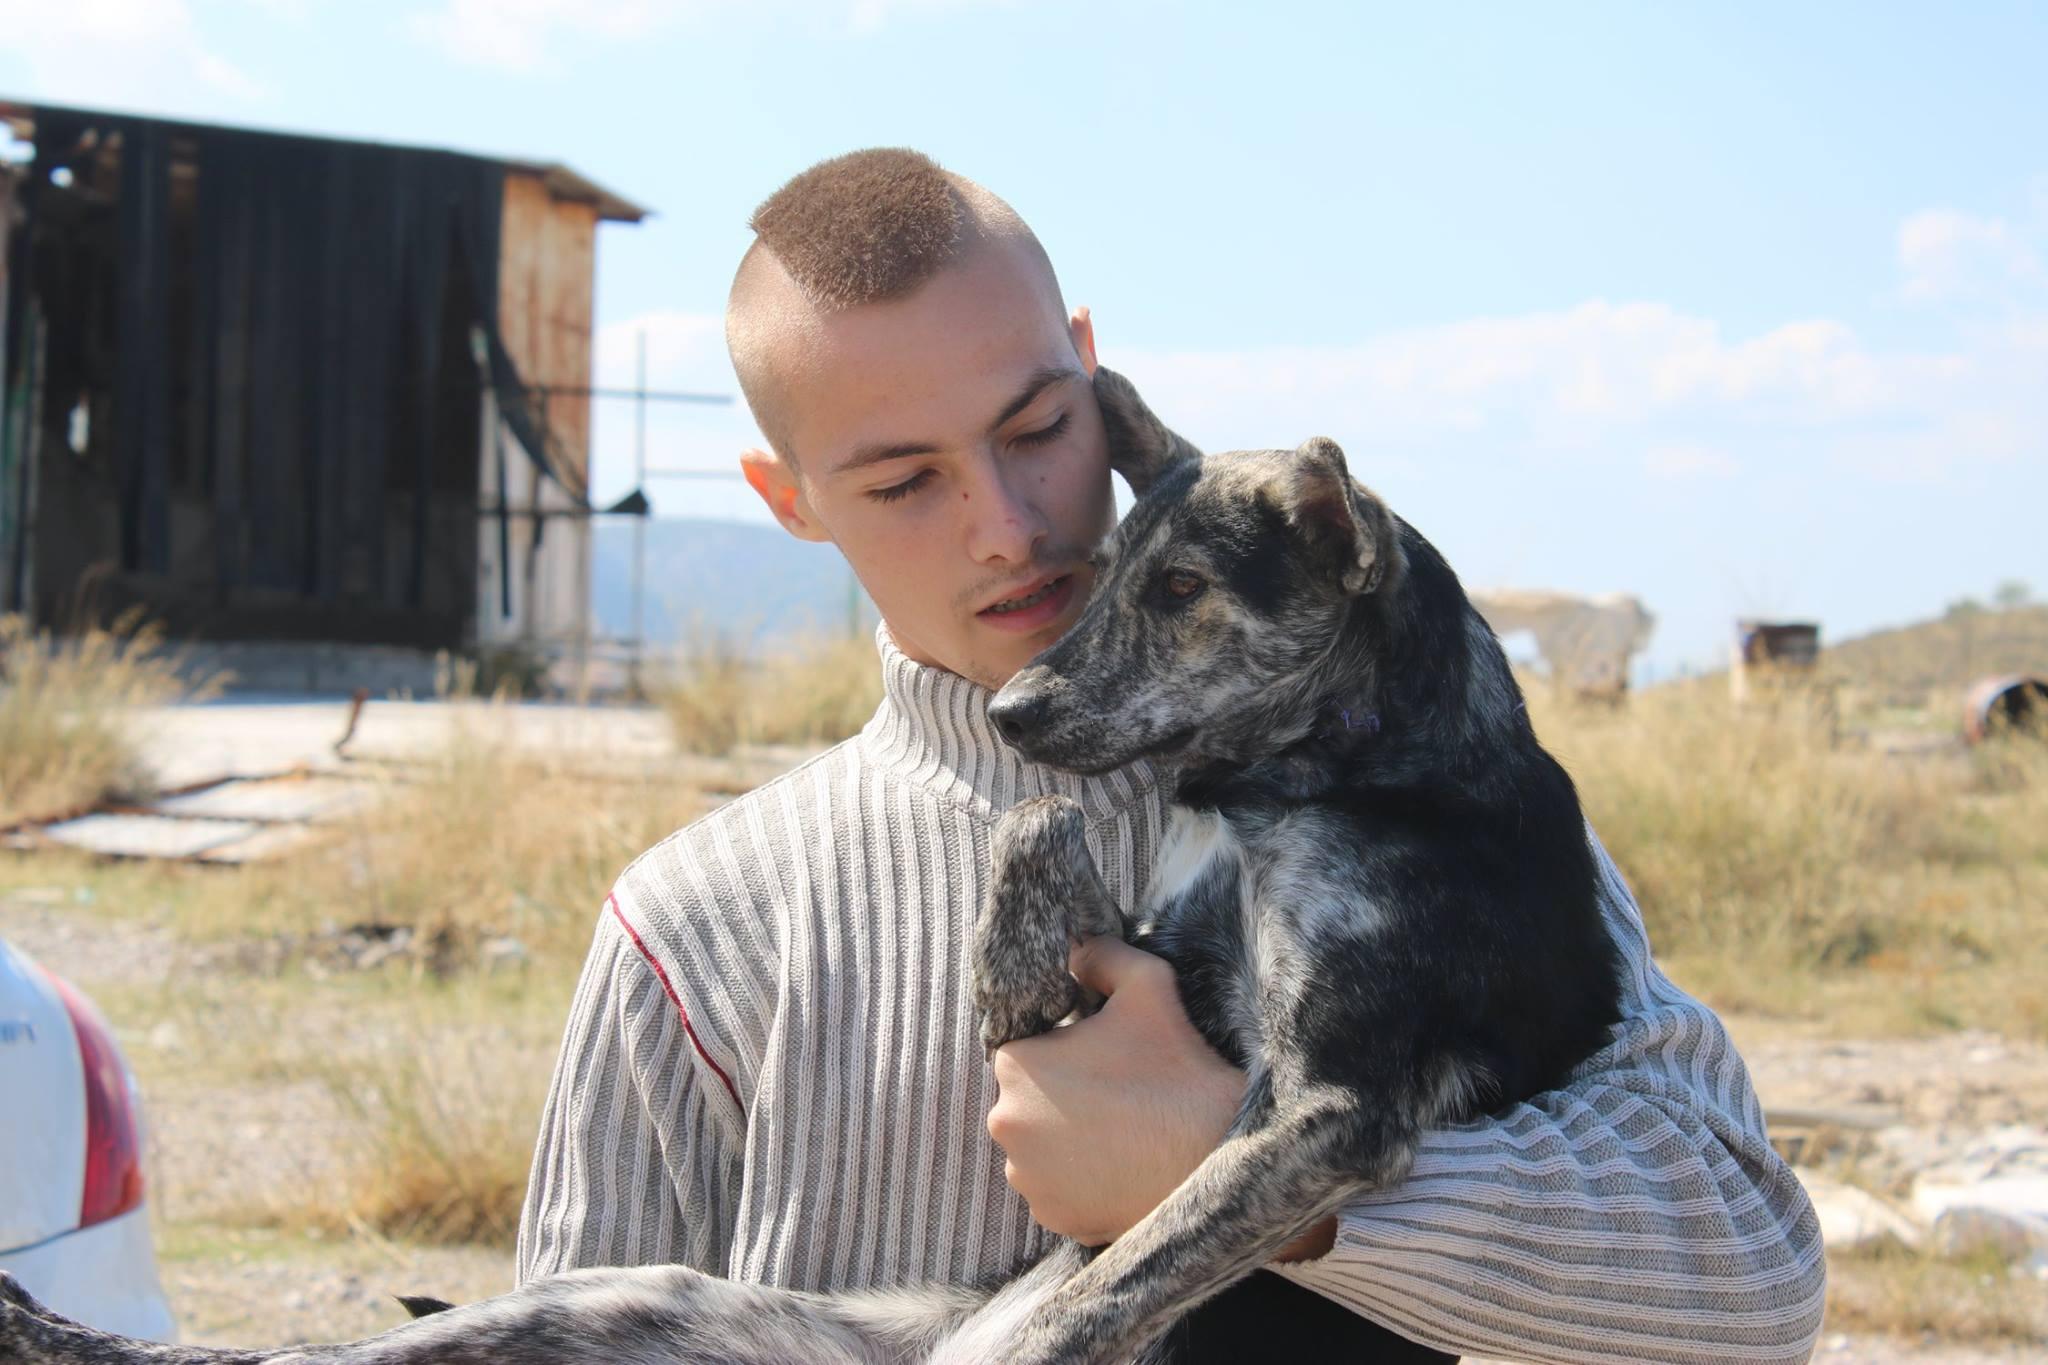 Αποτέλεσμα εικόνας για Greek Animal Rescue / Μενέλαος Καραμαγγιώλης